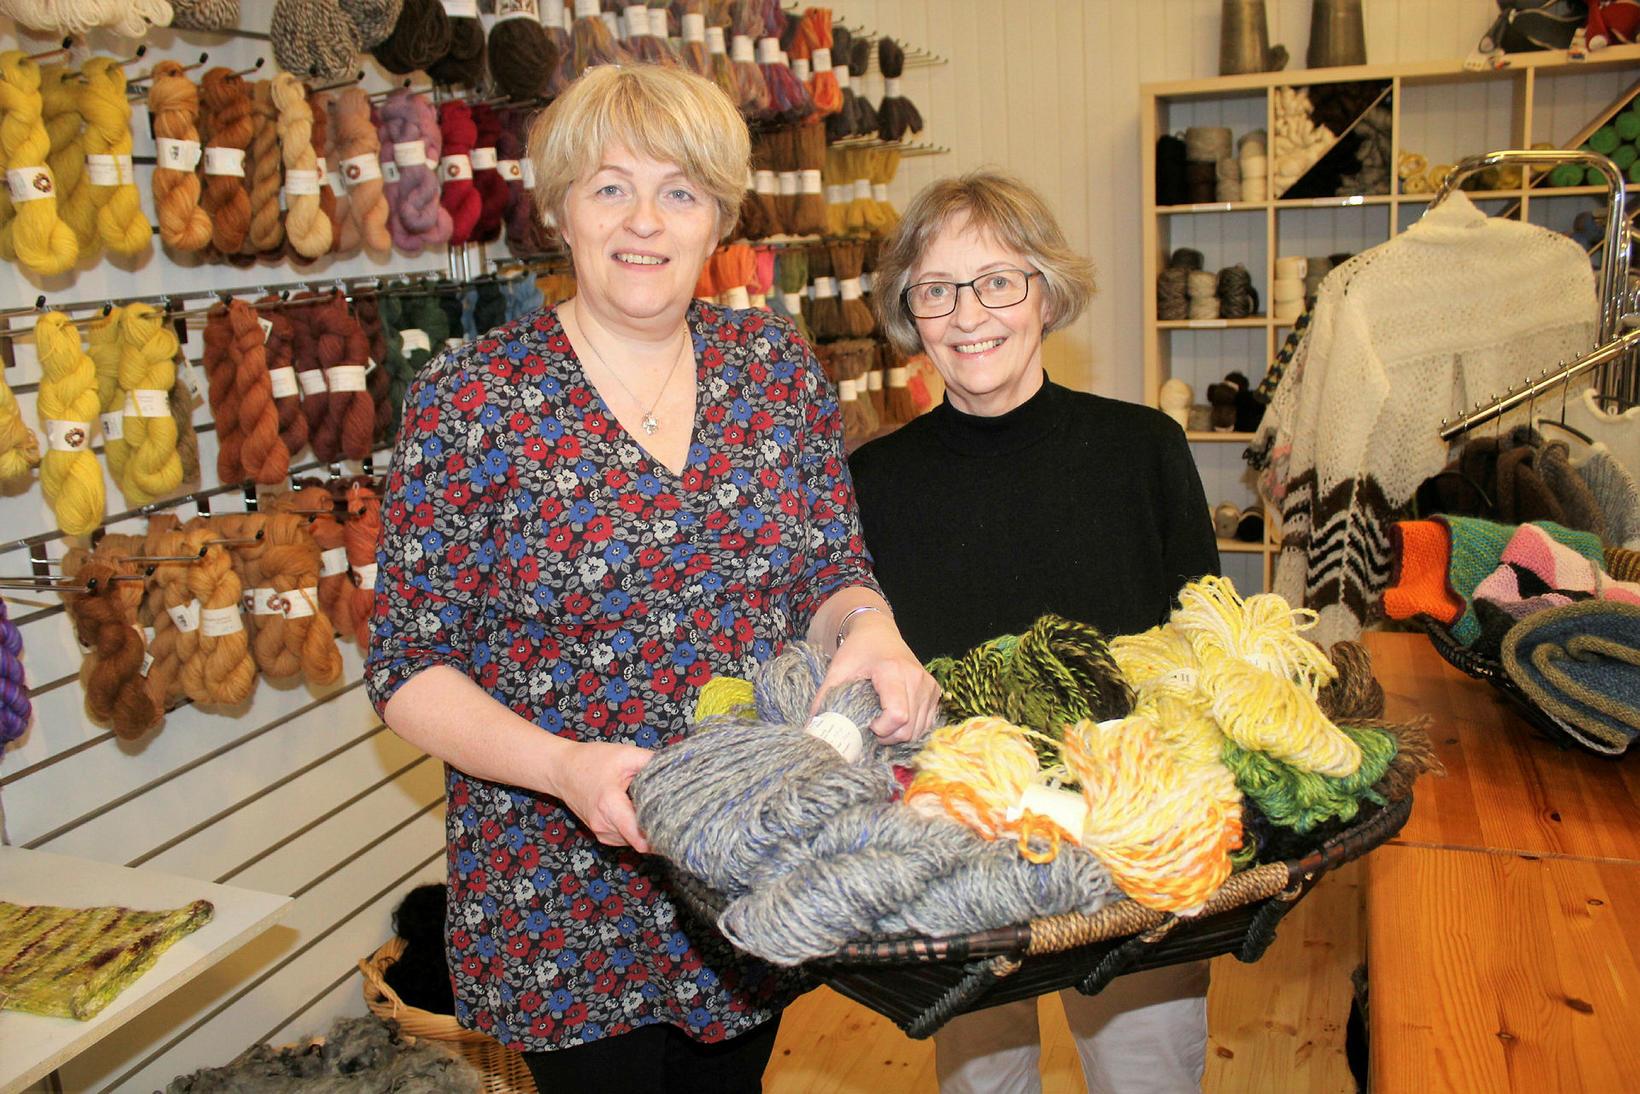 Þórey Axelsdóttir and Anna Dóra Jónsdóttir at Þingborg.